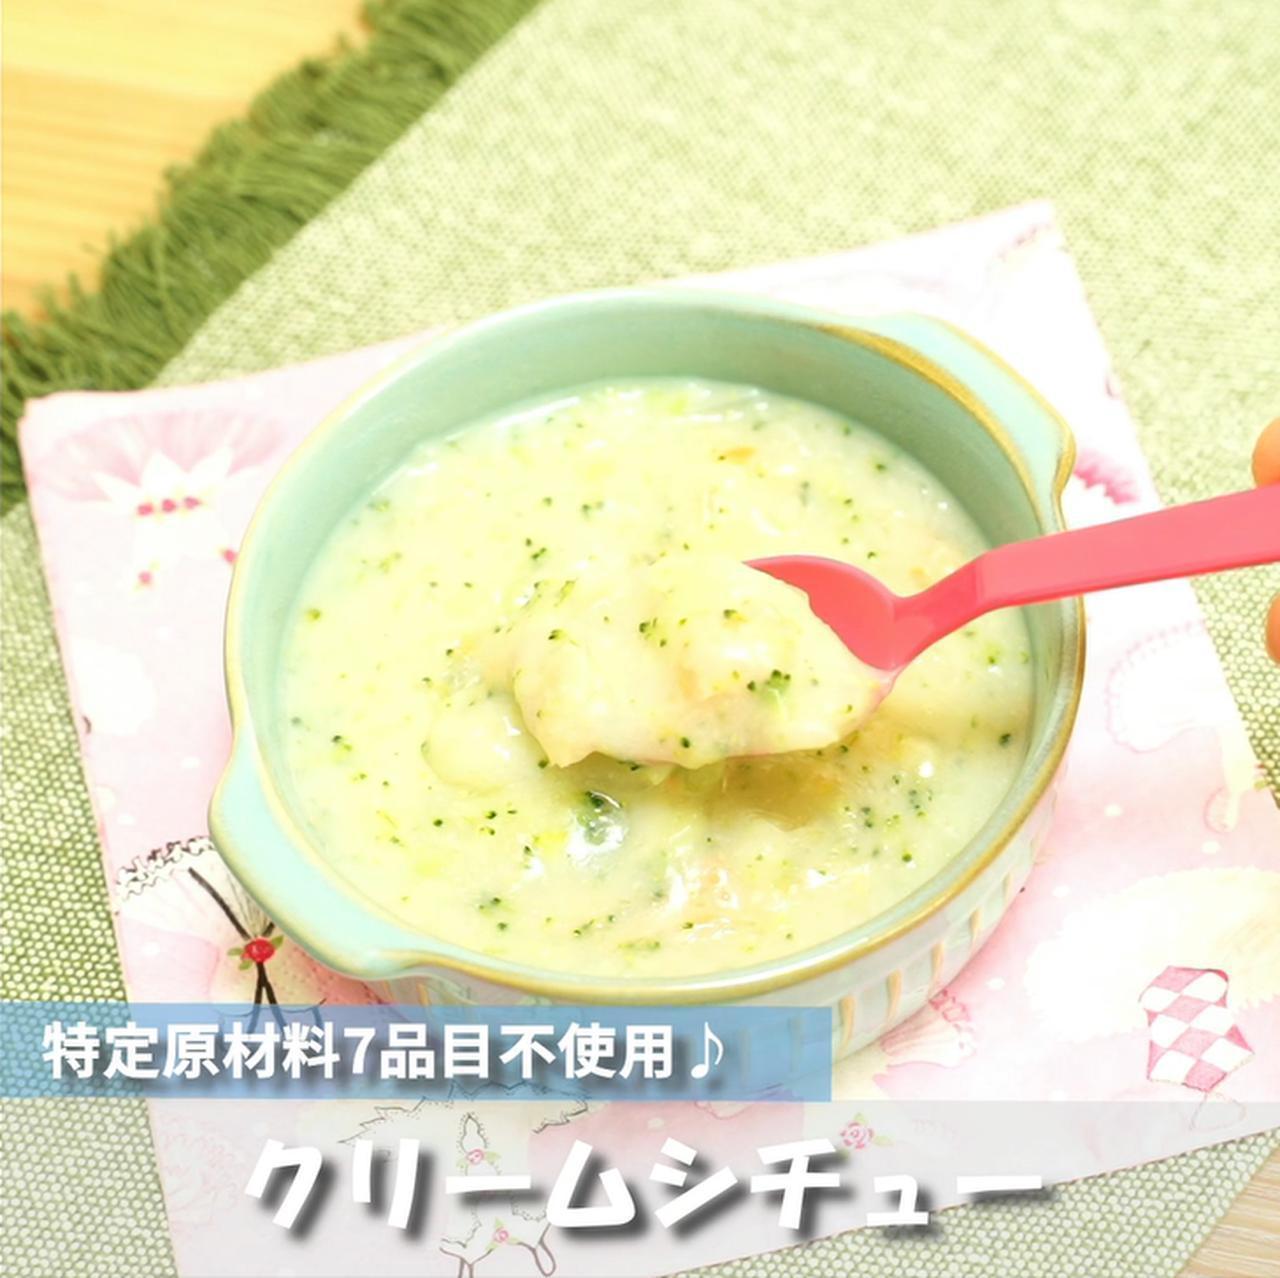 画像: 離乳食 後期レシピ!小麦粉と牛乳を使わずにクリームシチュー - 君とごはん